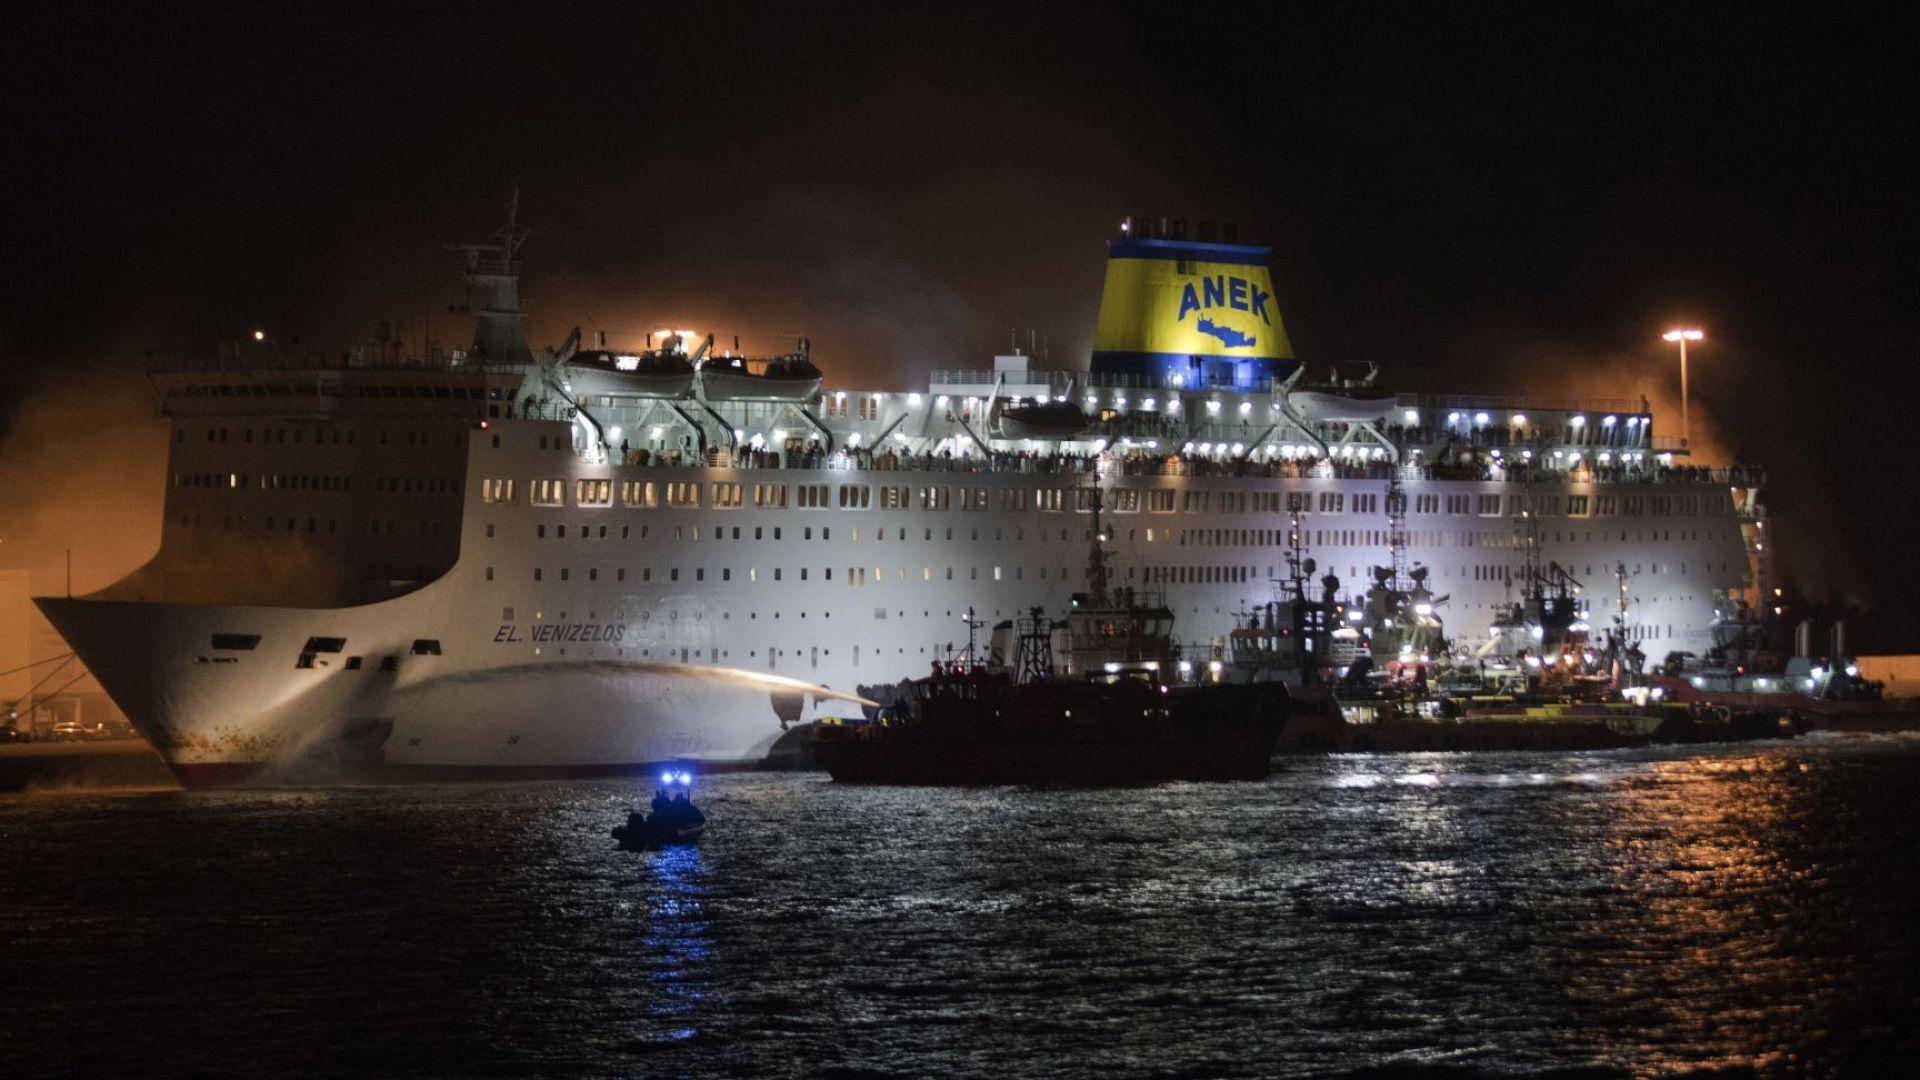 Най-малко 538 пътници са евакуирани заради пожар на борда на